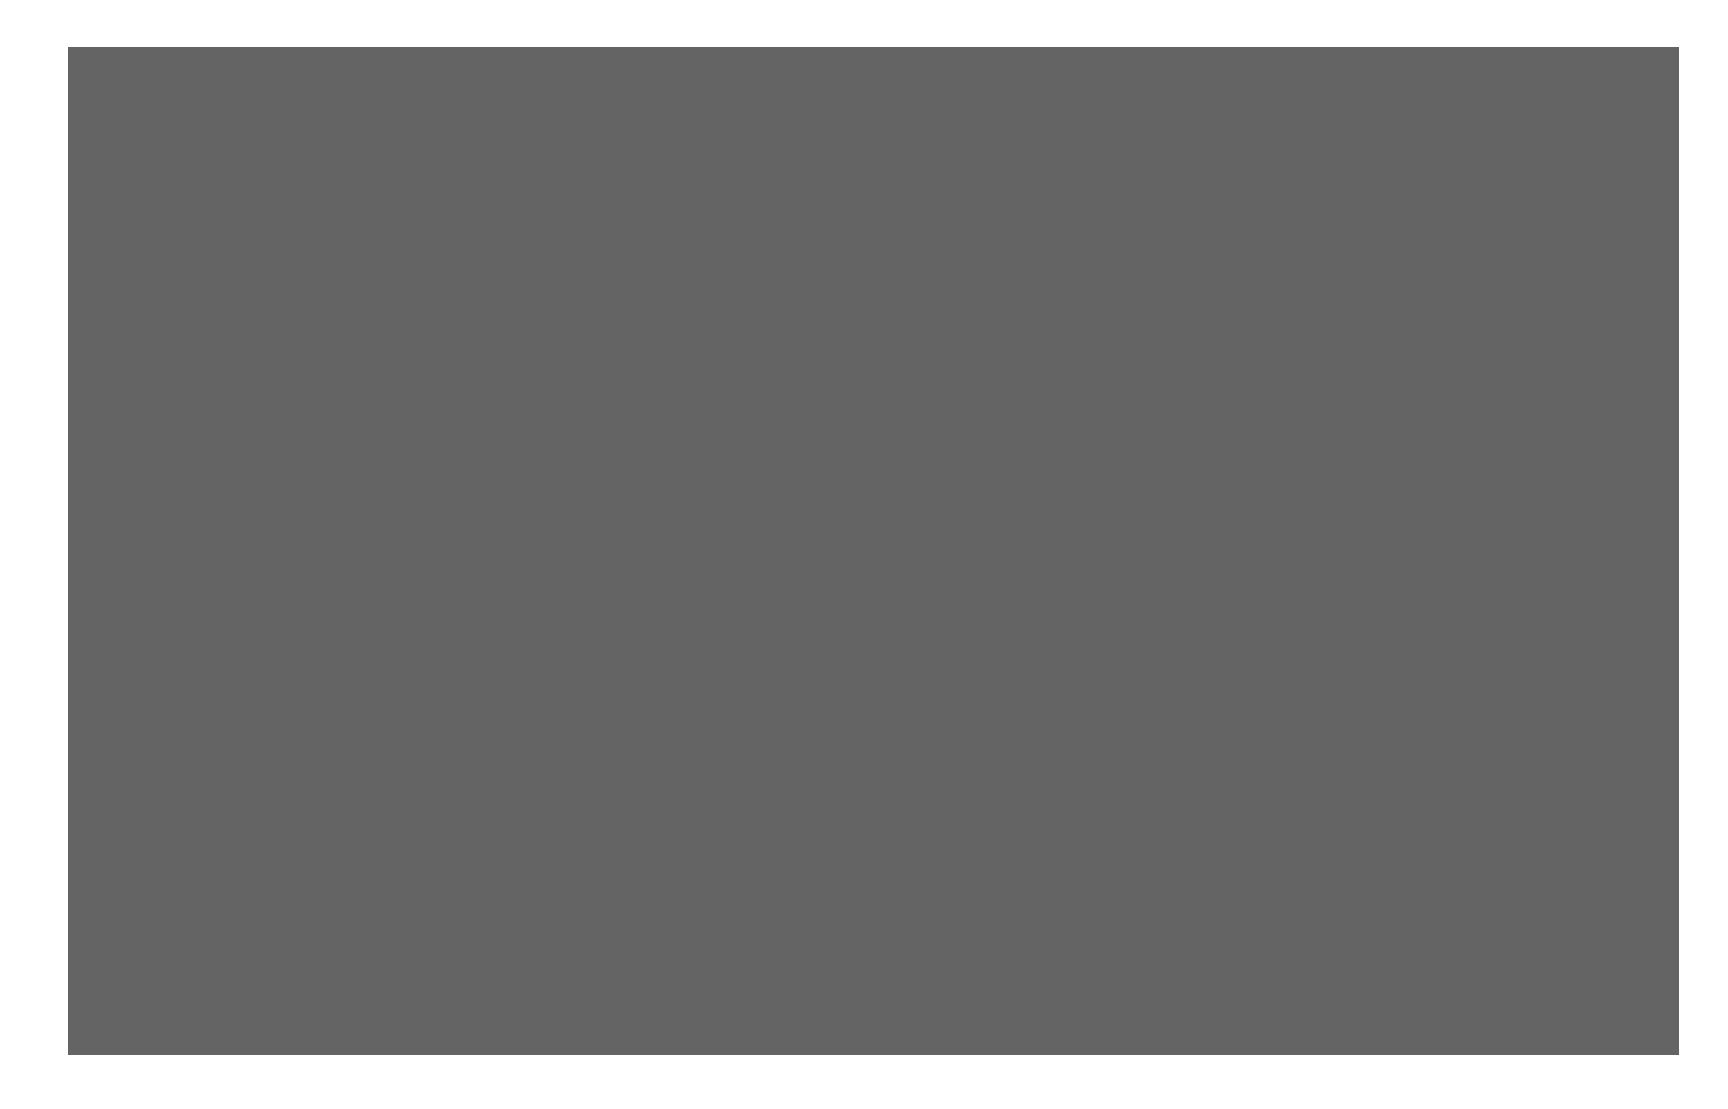 Woodlawn+cc+2